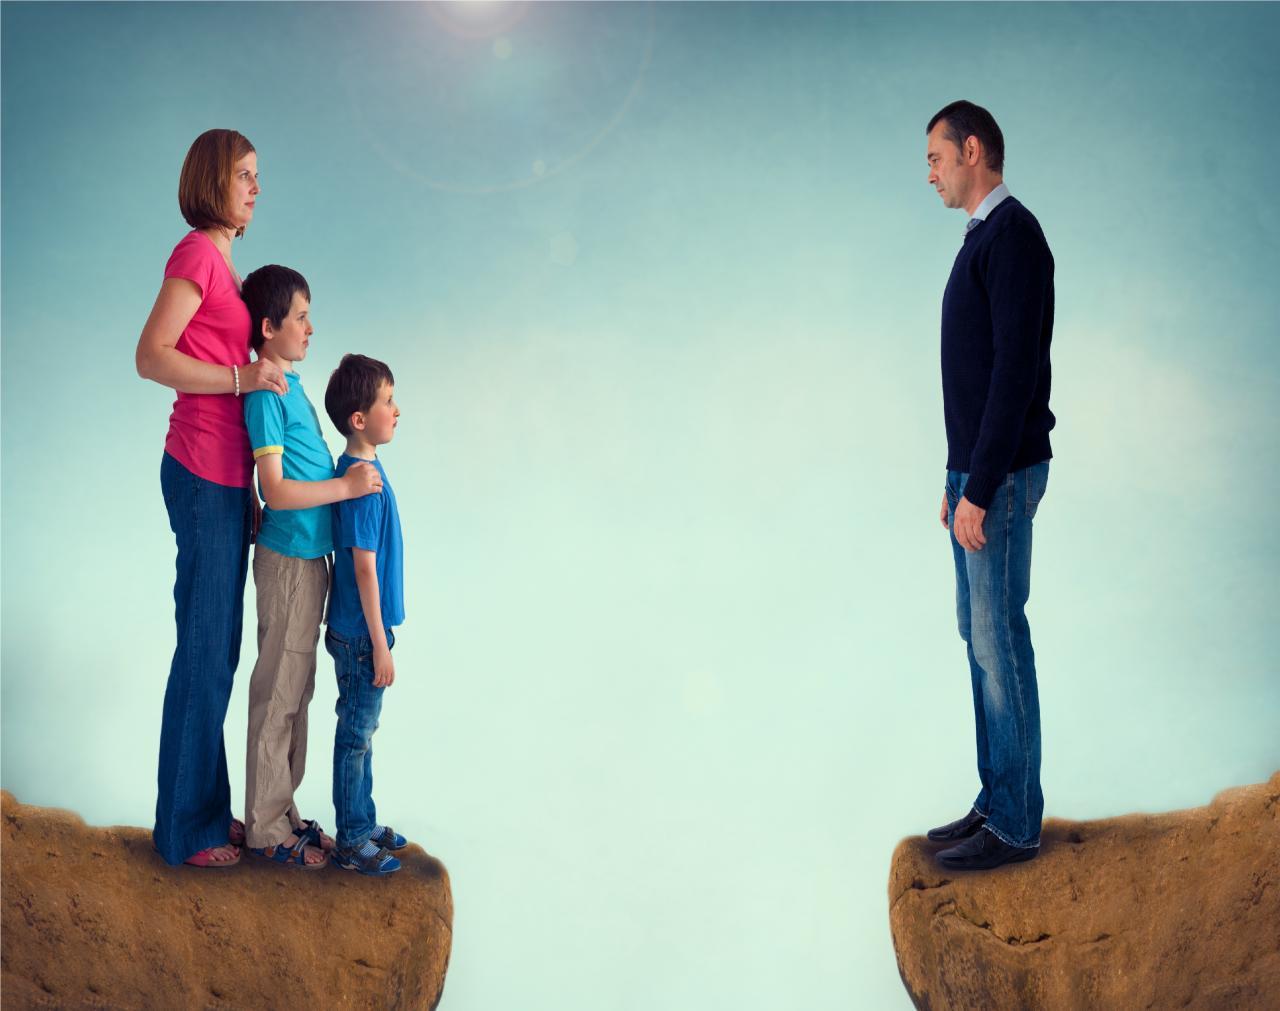 صور متى تسقط حضانة الام , شروط تسقط حق الام حضانتها لابنائها